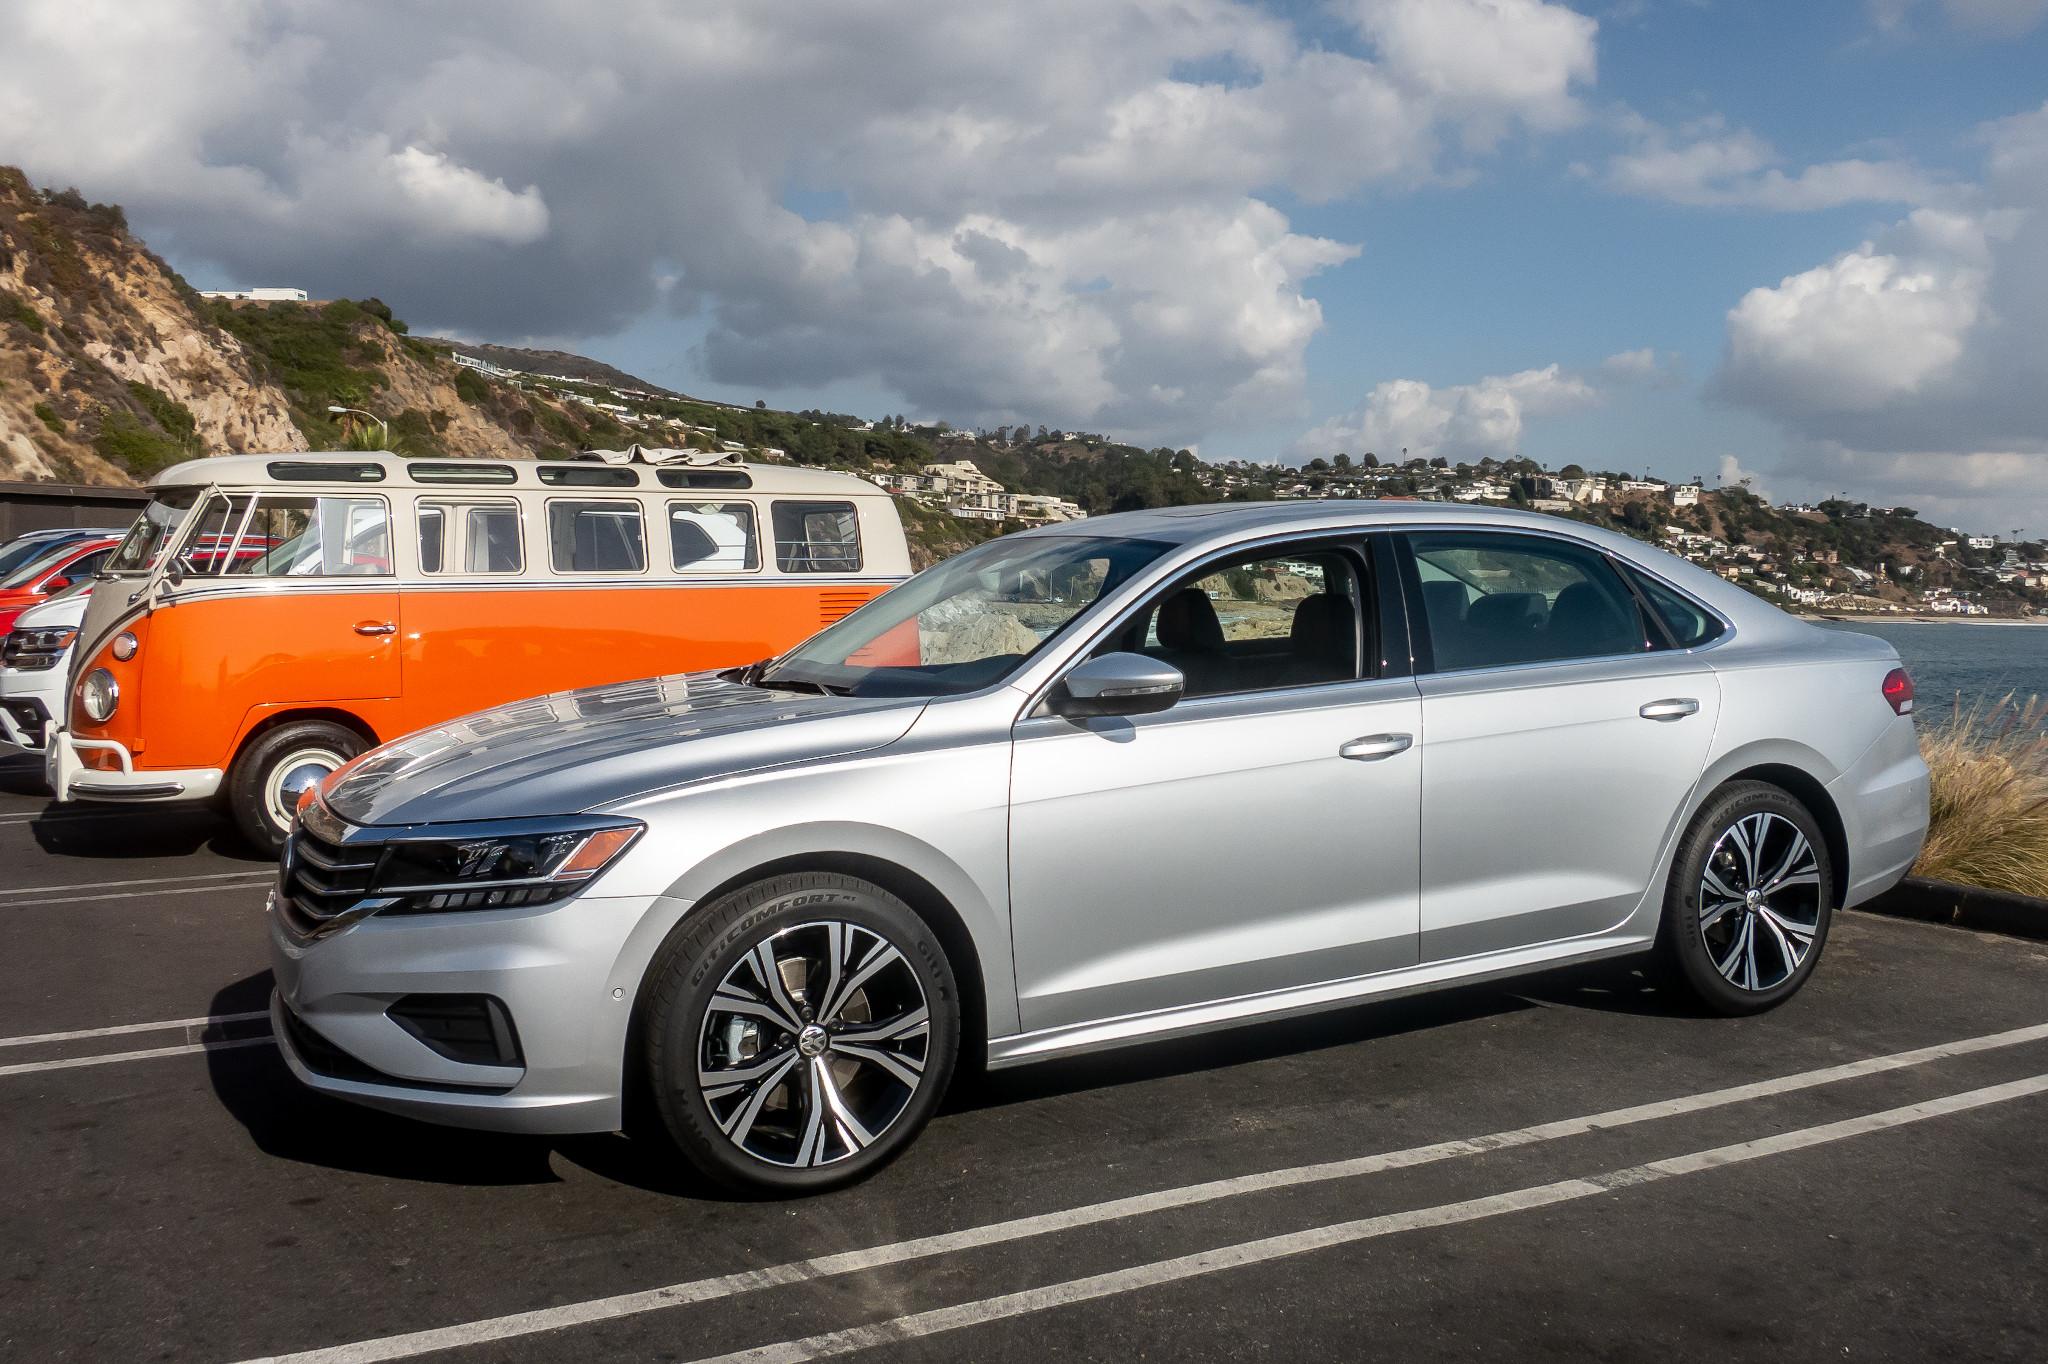 2020 Volkswagen Passat Review: VW Hedges Its Bet on Sedan ...